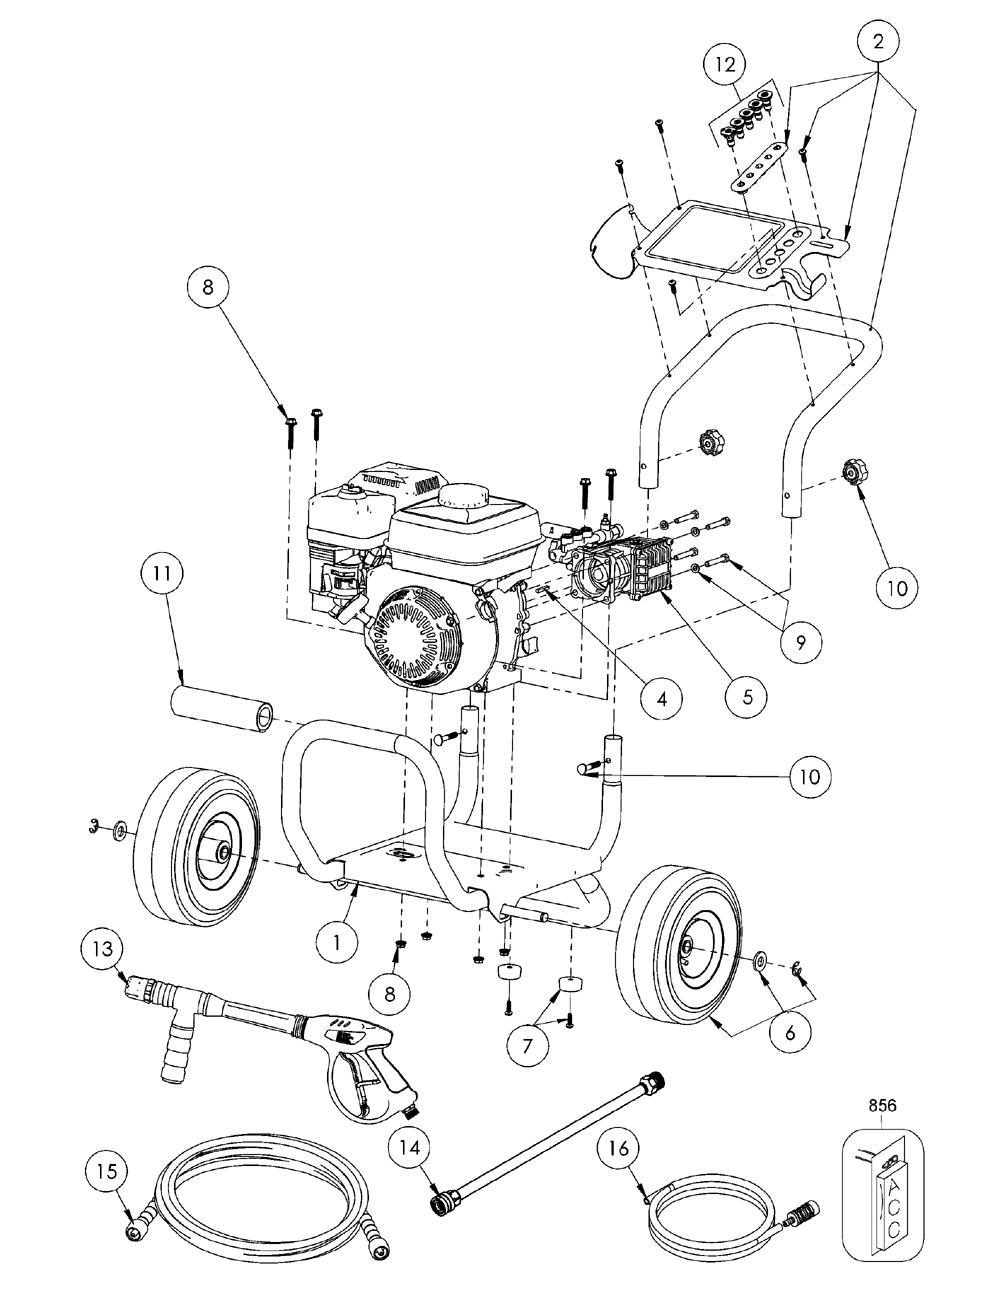 Honda Gc160 Carburetor Diagram Breakdown